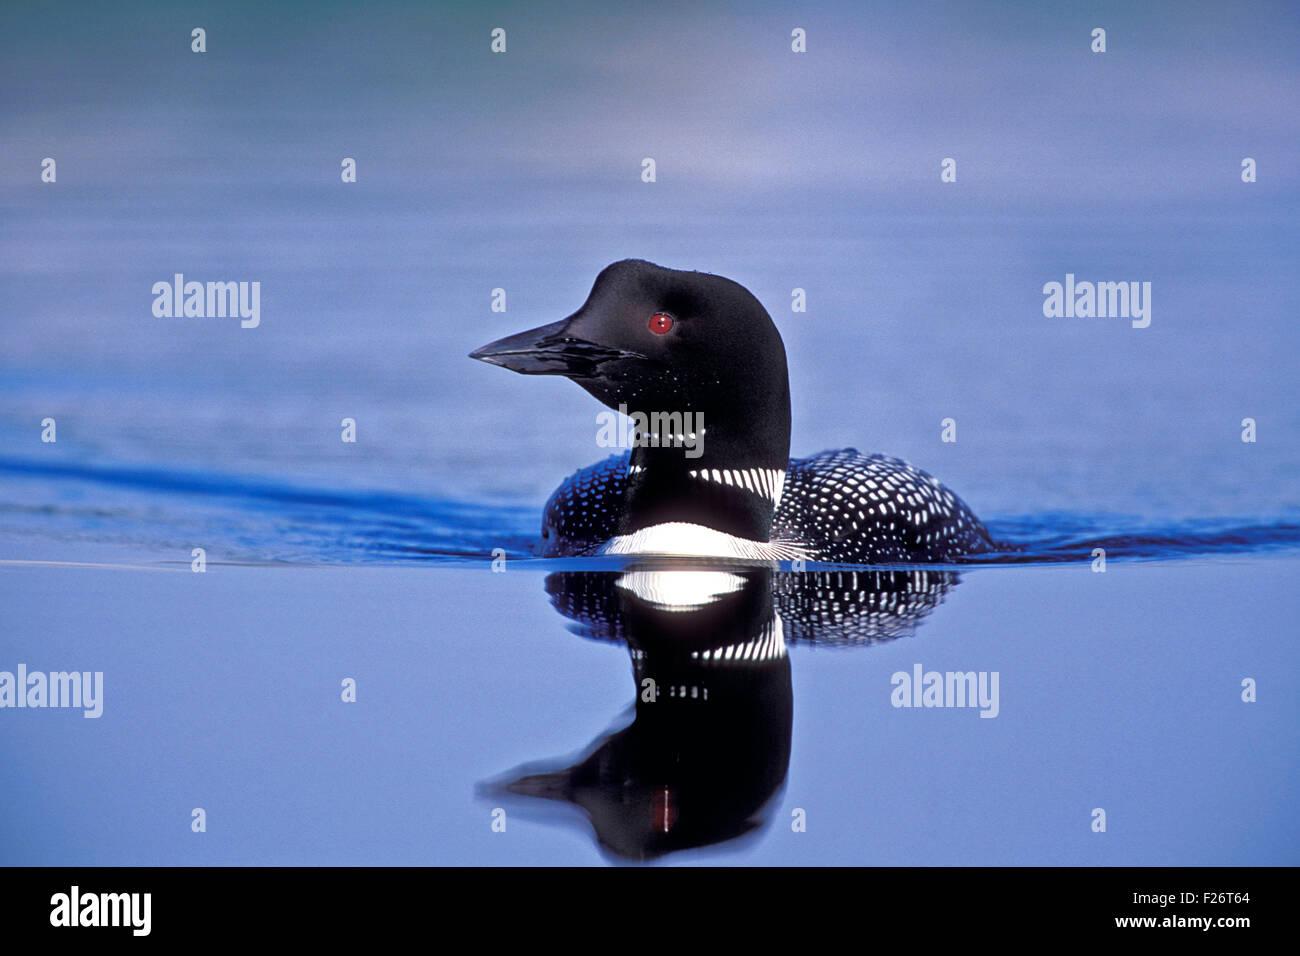 Loon comune nuotare nel lago. Immagini Stock